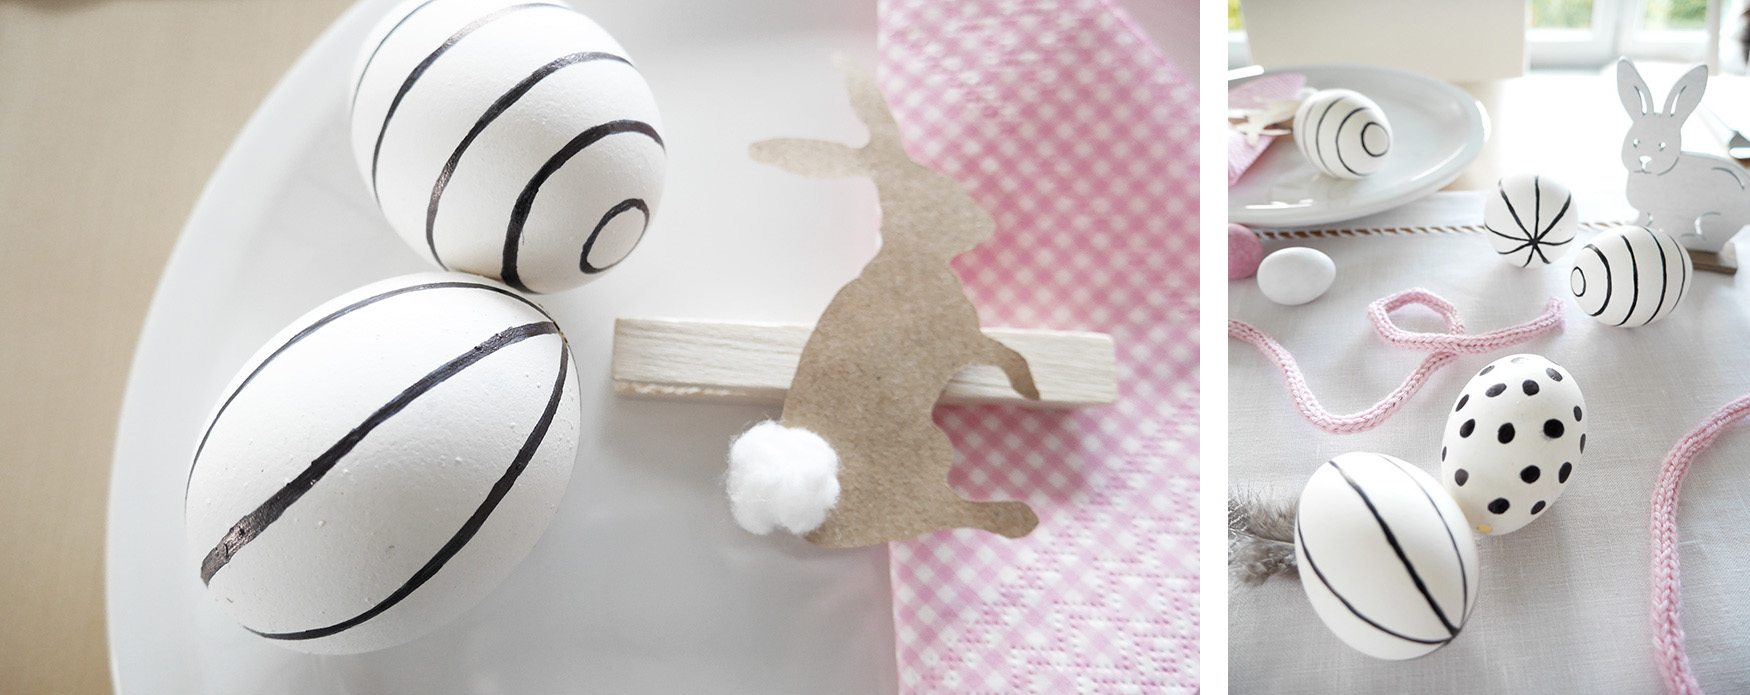 Tischdekoration zu Ostern_3